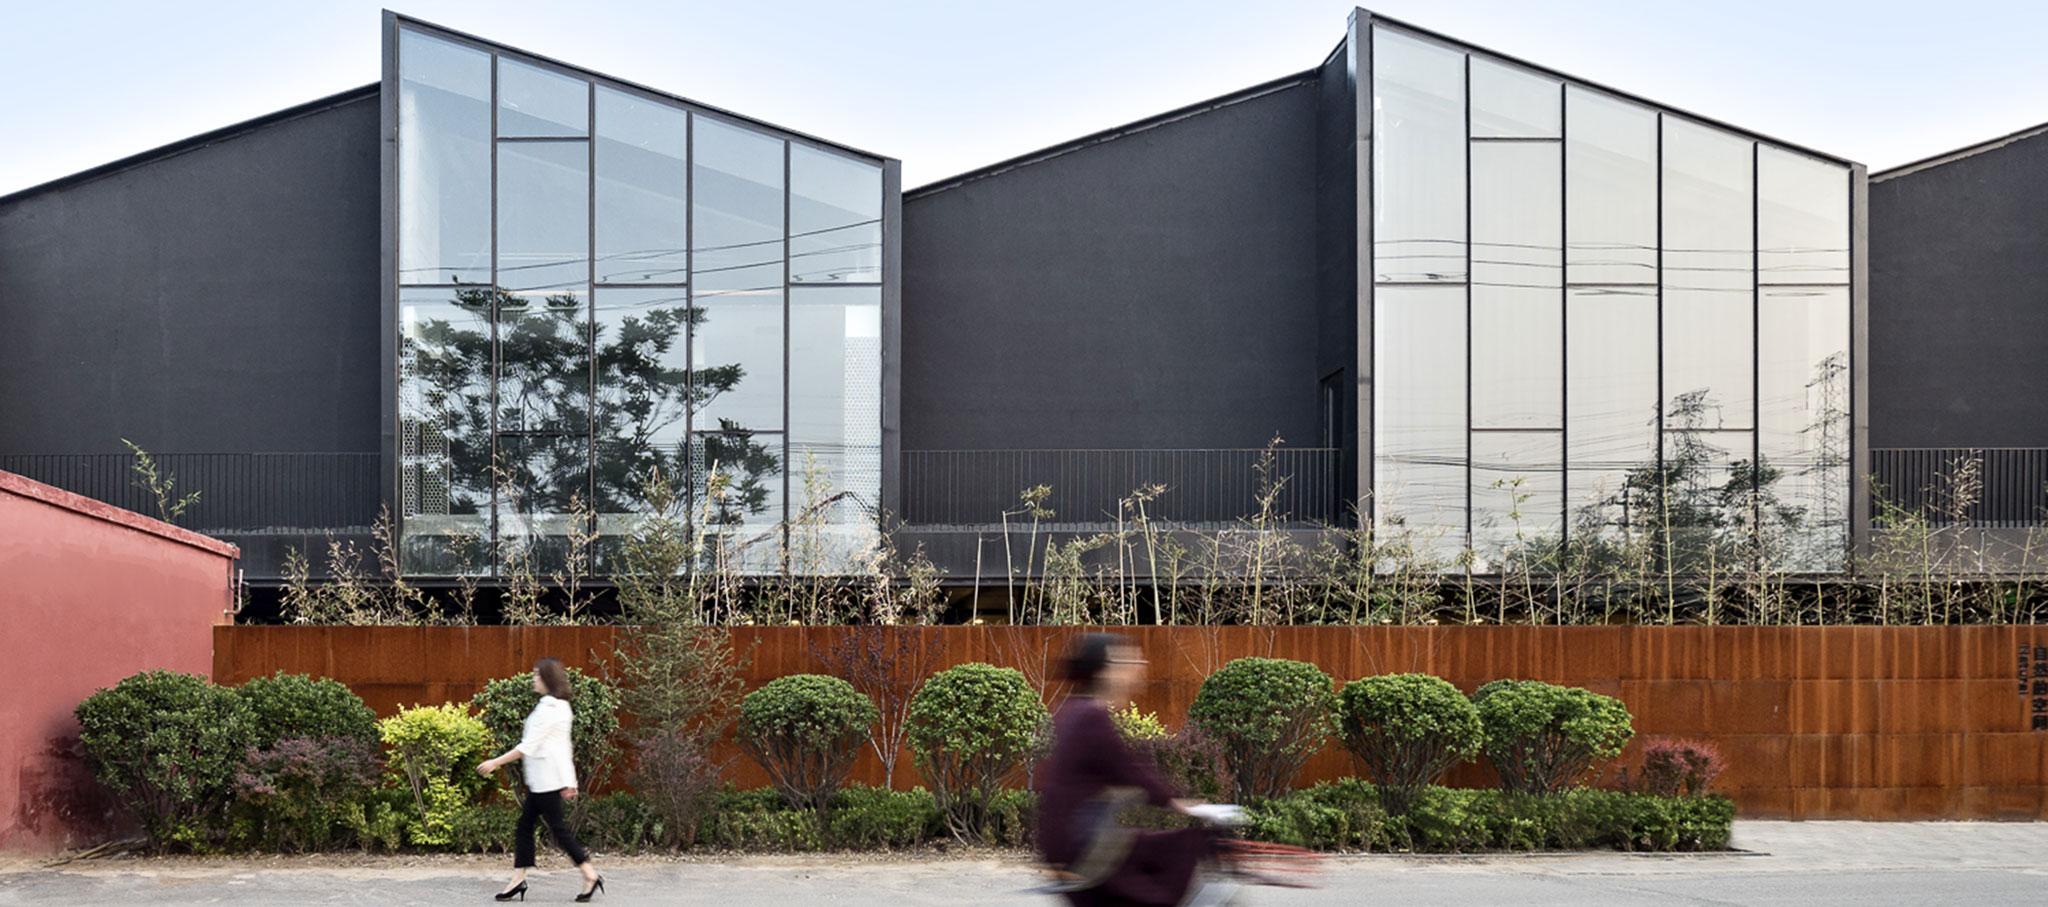 MeePark CBD, la conversión de un almacén industrial en un lugar para eventos por Latitude Architectural Group. Fotografía por Héctor Peinador